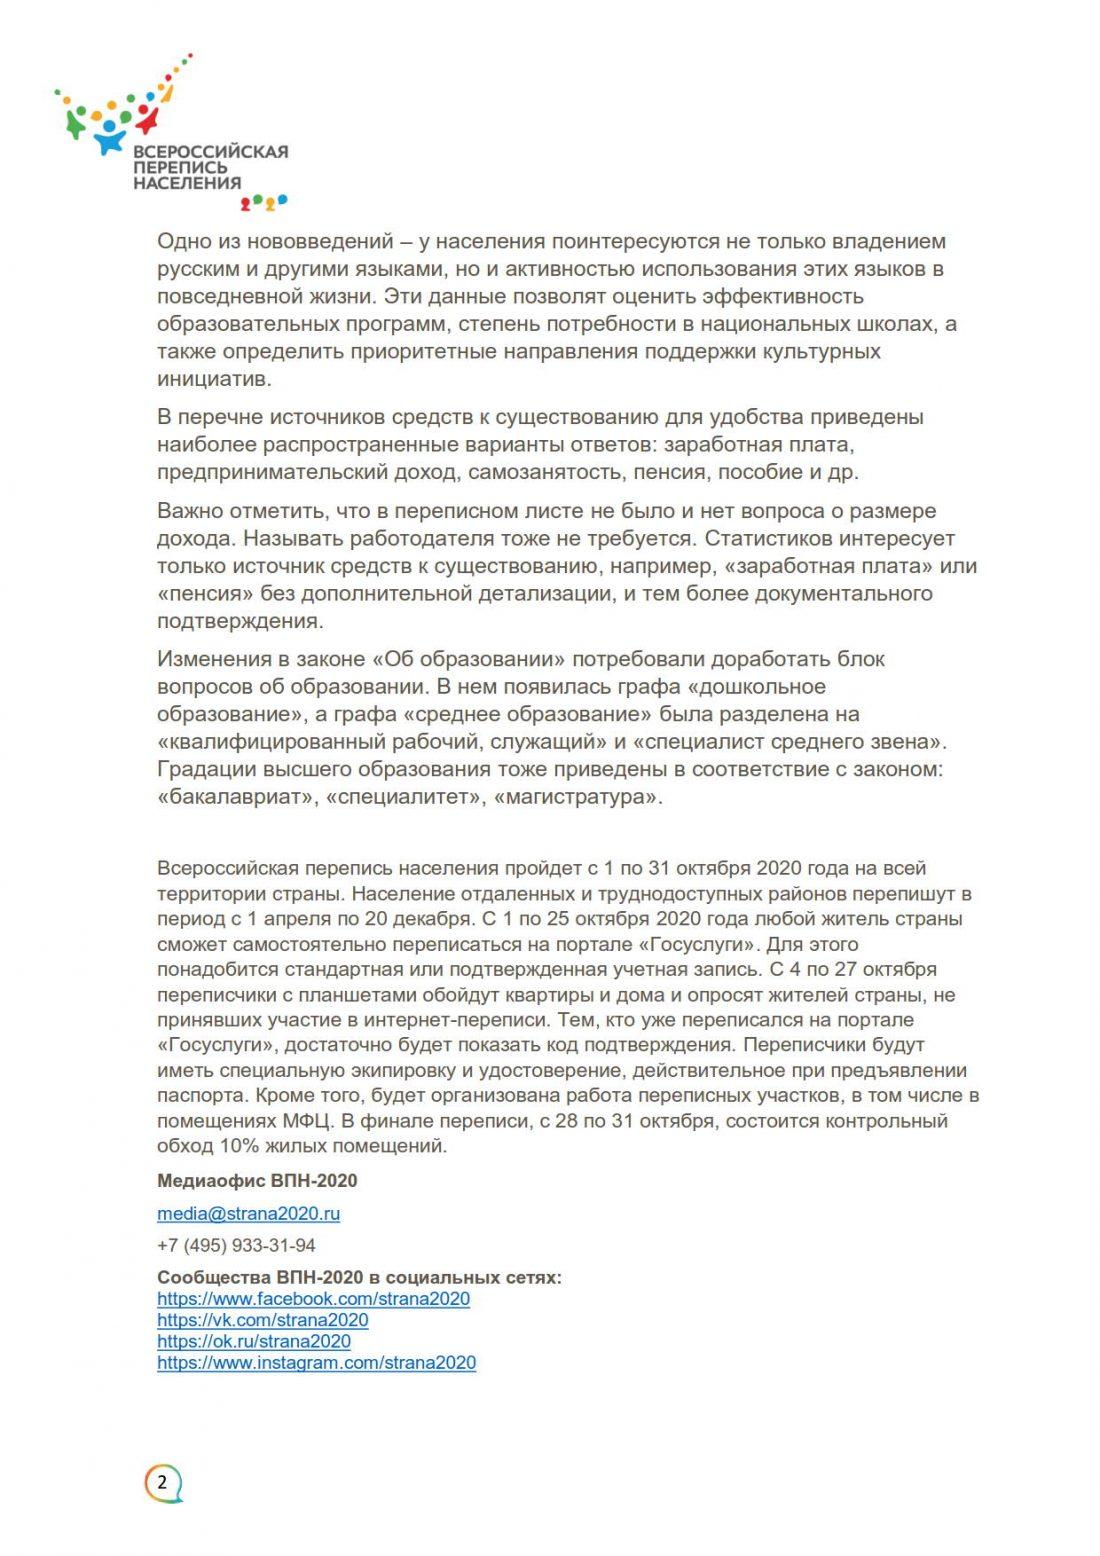 ПРАВИТЕЛЬСТВО УТВЕРДИЛО ПЕРЕПИСНЫЕ ЛИСТЫ ВСЕРОССИЙСКОЙ ПЕРЕПИСИ НАСЕЛЕНИЯ 2020 ГОДА_2